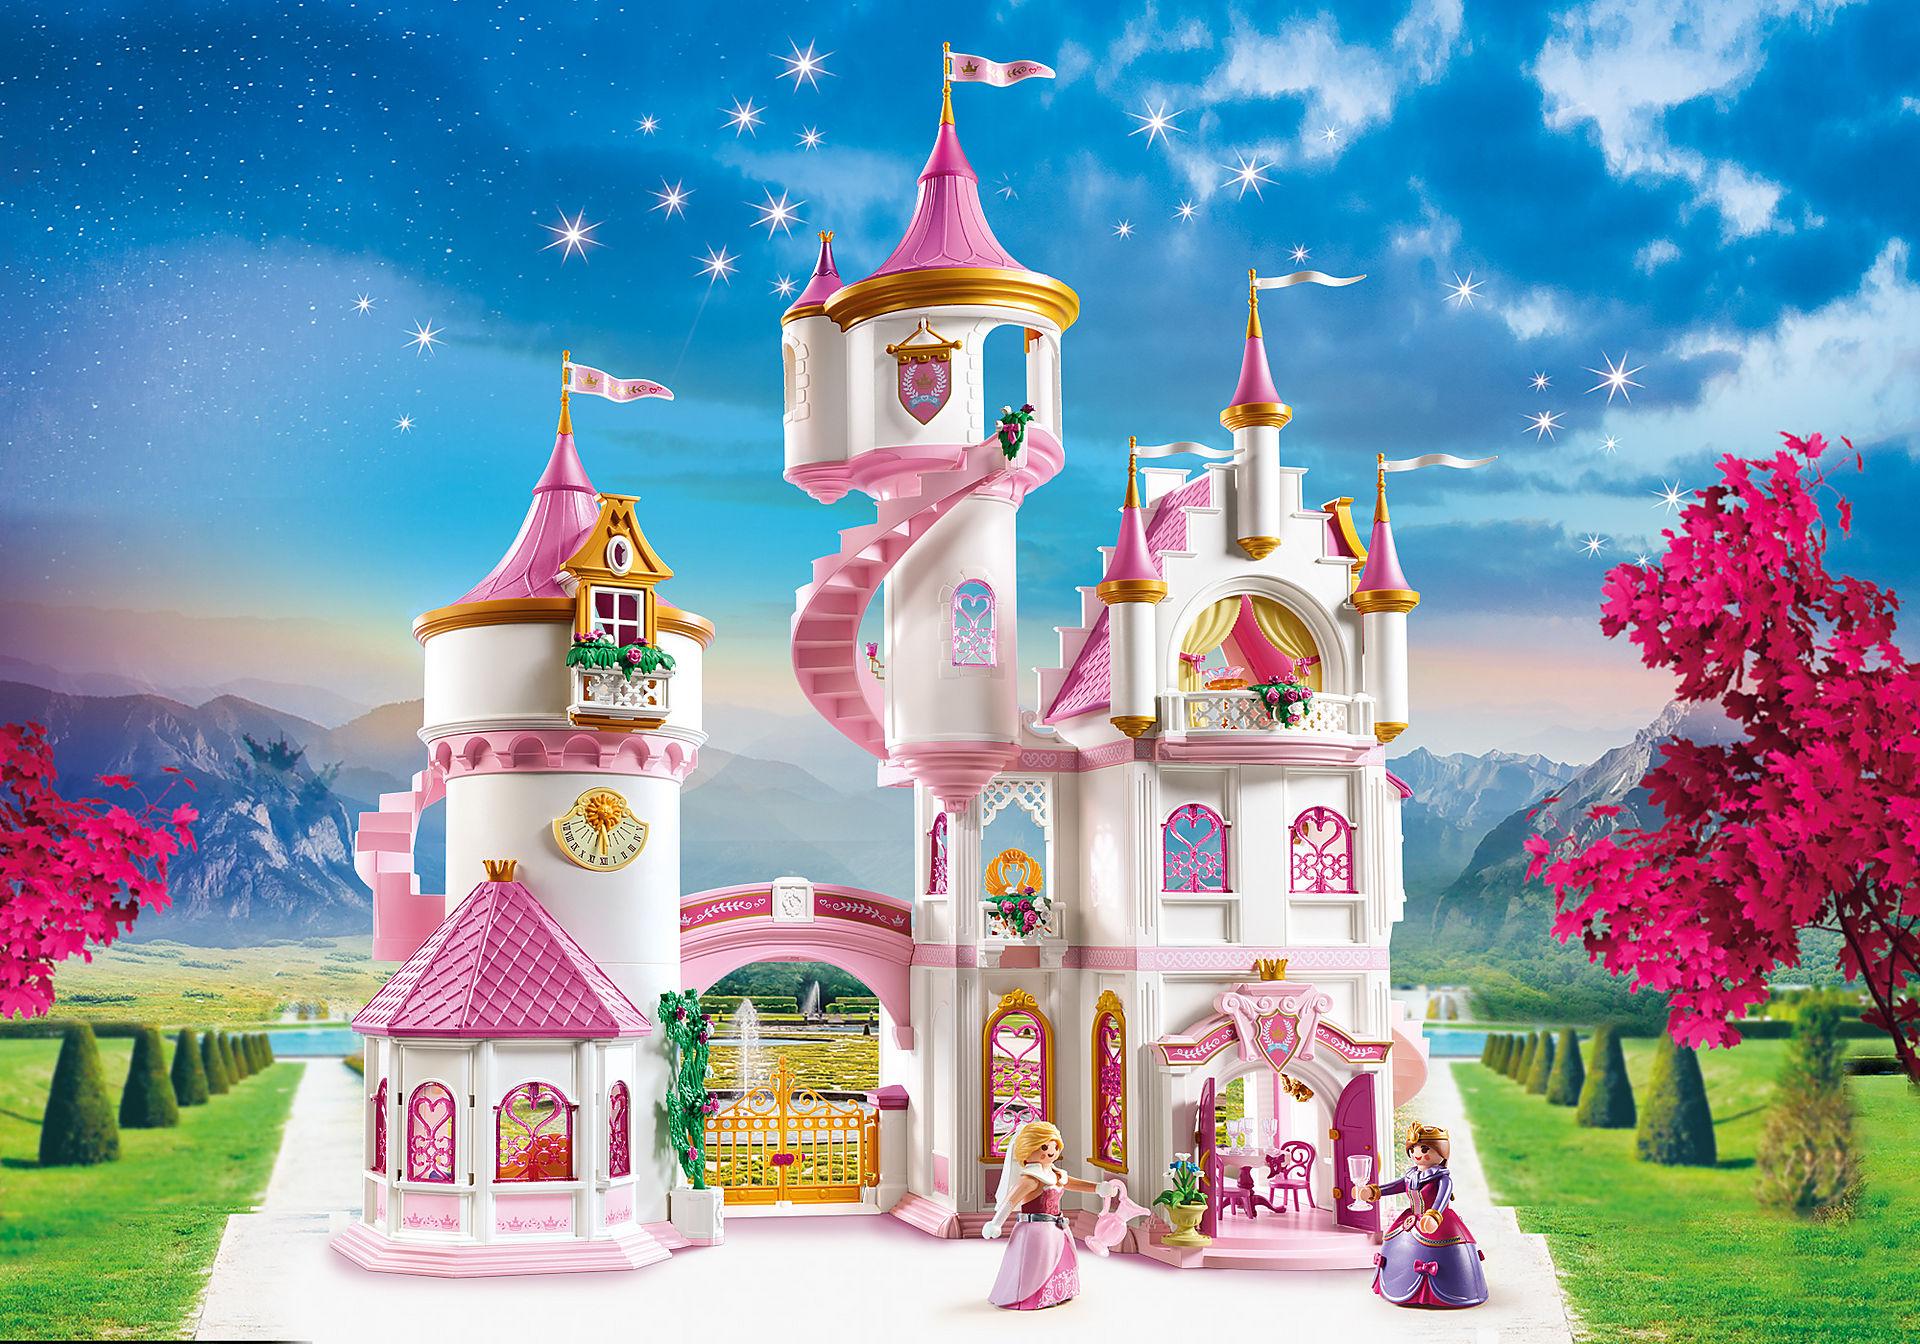 70447 Duży zamek księżniczki zoom image1